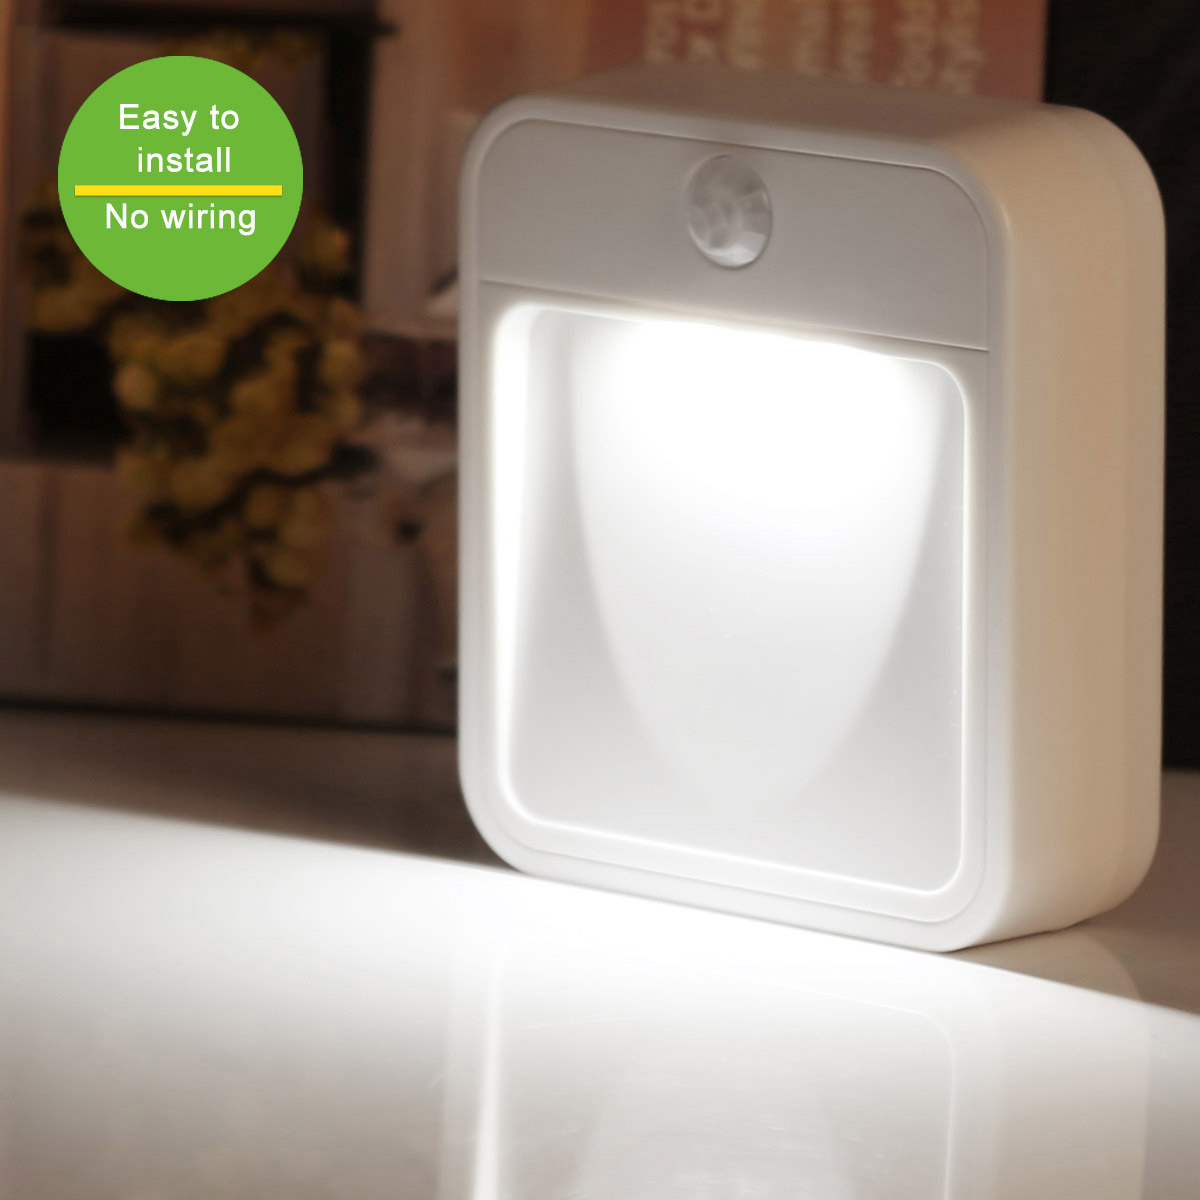 Steckdosenlampe mit bewegungsmelder und Lichtsensor, 18 Lumen Nachlicht Kinderzimmer, Kaltweiß